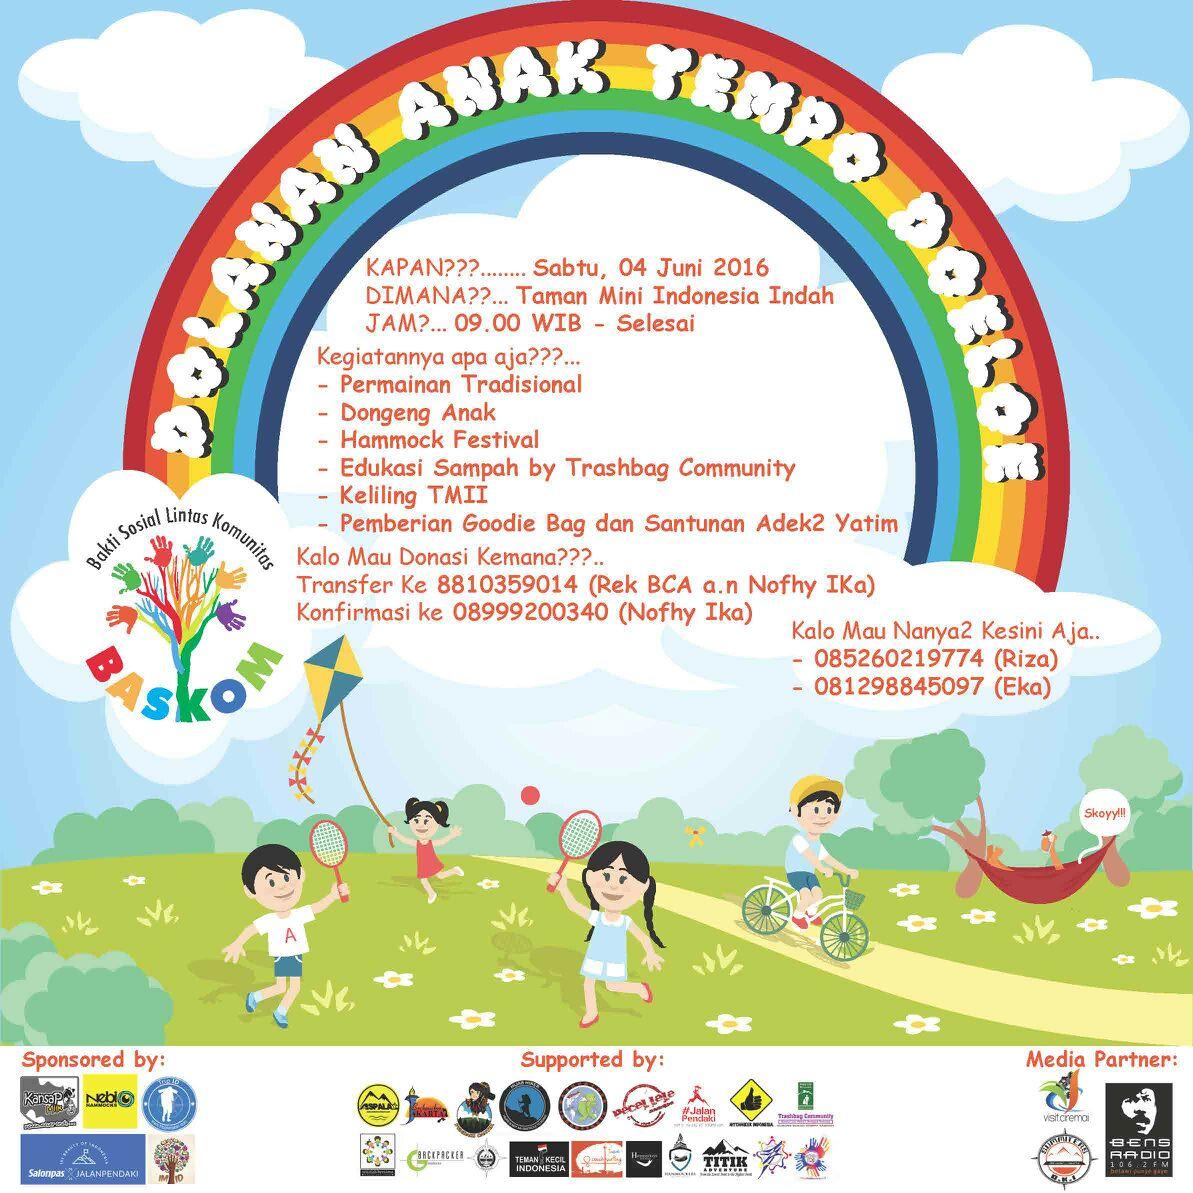 dolanan anak tempo dulu yang akan diterapkan bersama anak yatim yang akan di selenggarakan pada tgl 4 Juni 2016 di Taman Mini Indonesia indah